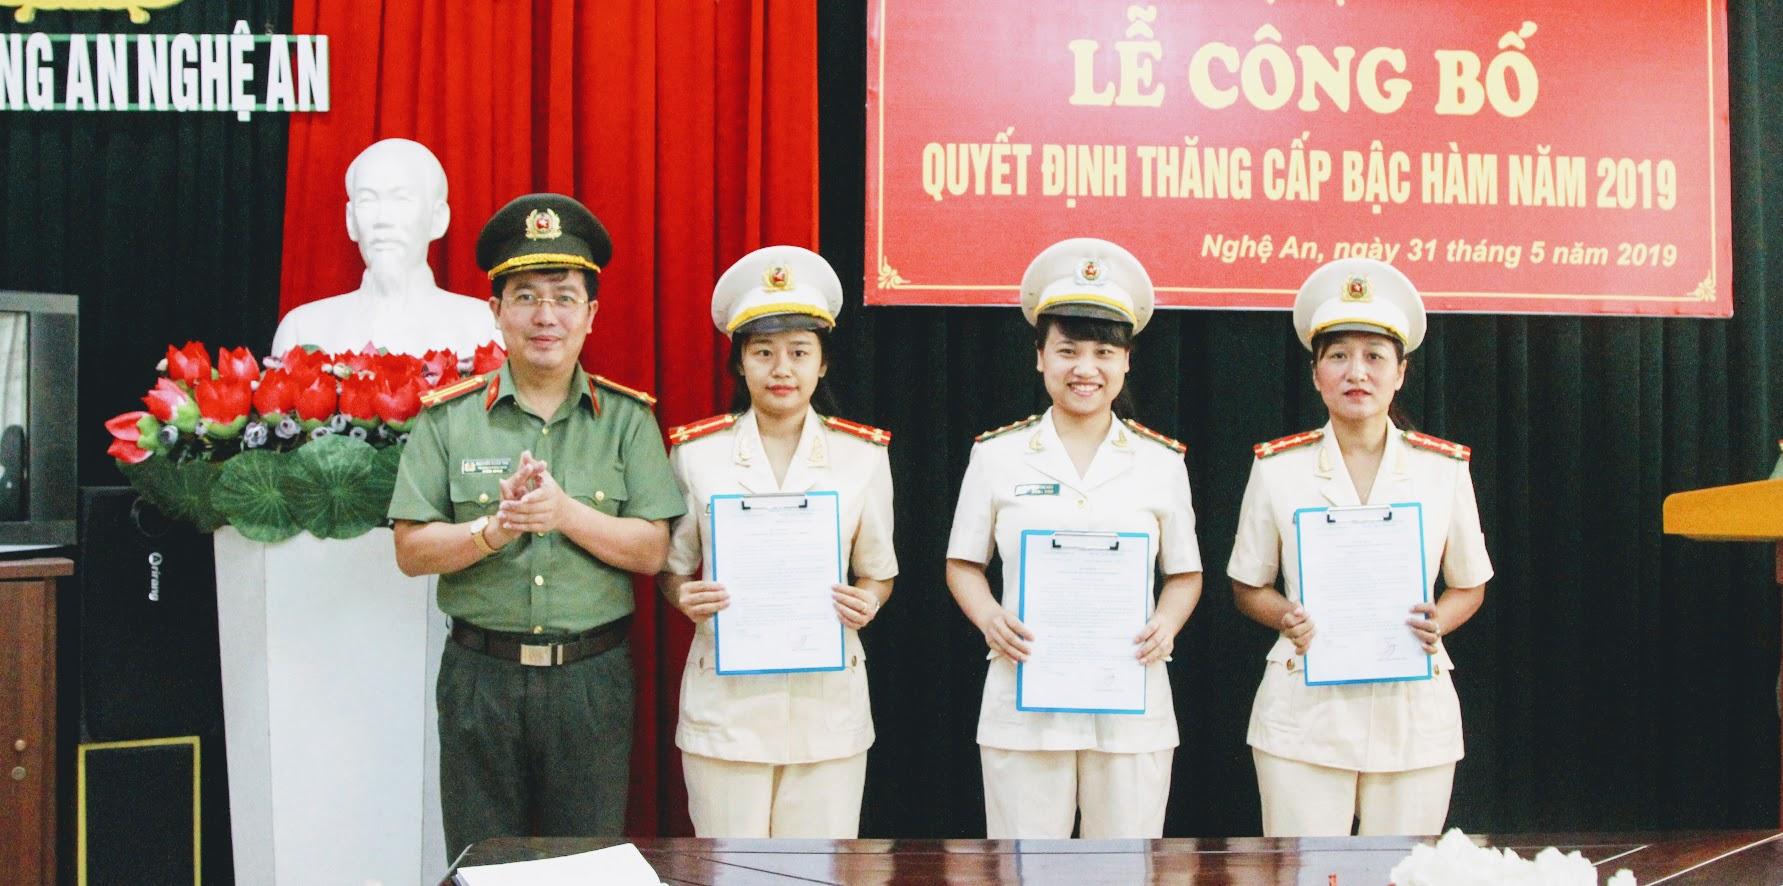 Các đồng chí cán bộ Báo Công an Nghệ An nhận quyết định thăng cấp bậc hàm